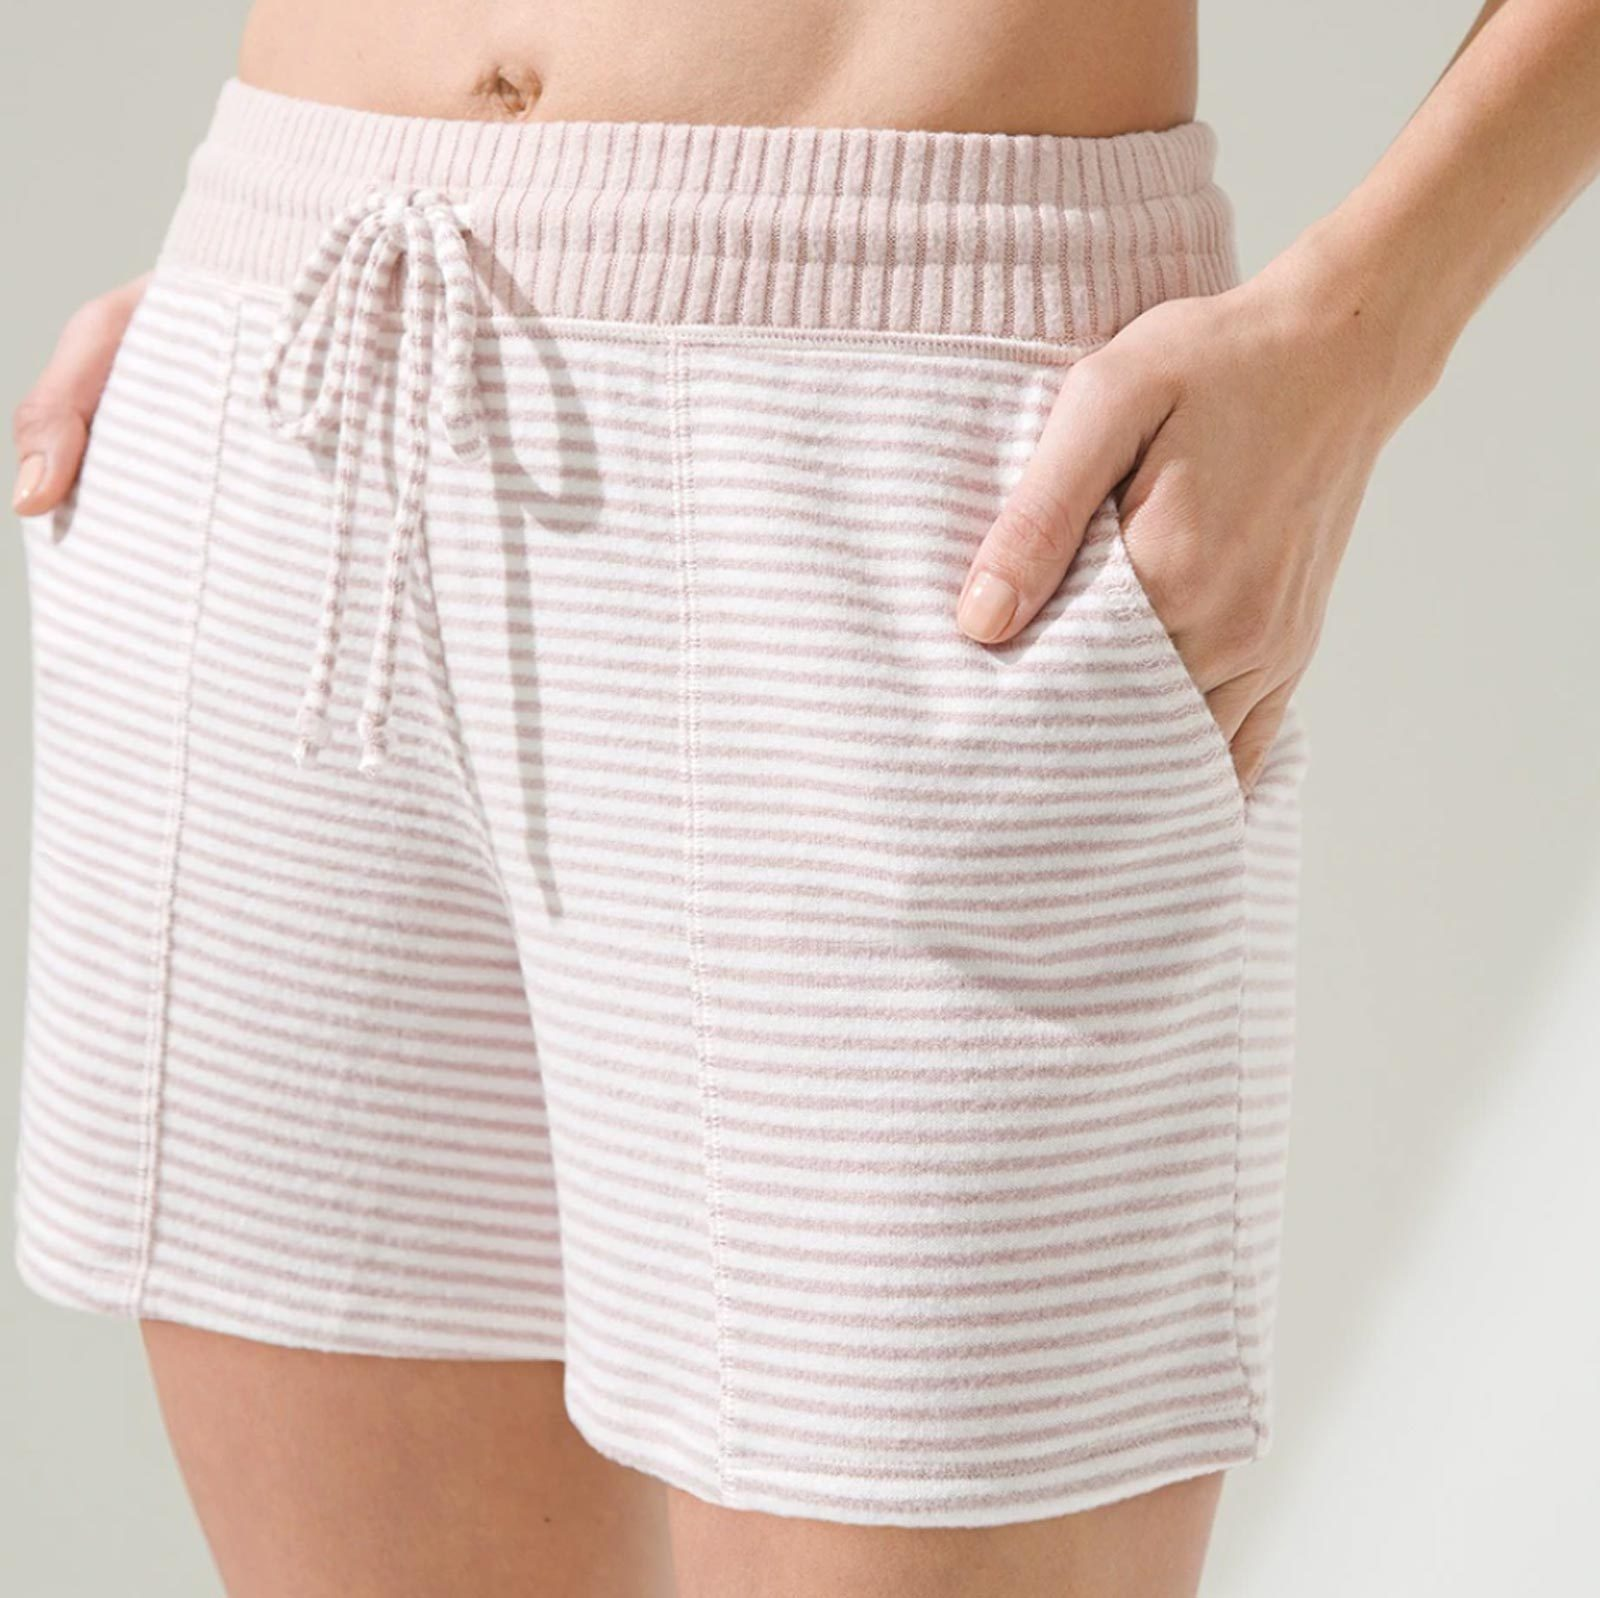 Soma Brushed Cozy Modern Pajama Shorts